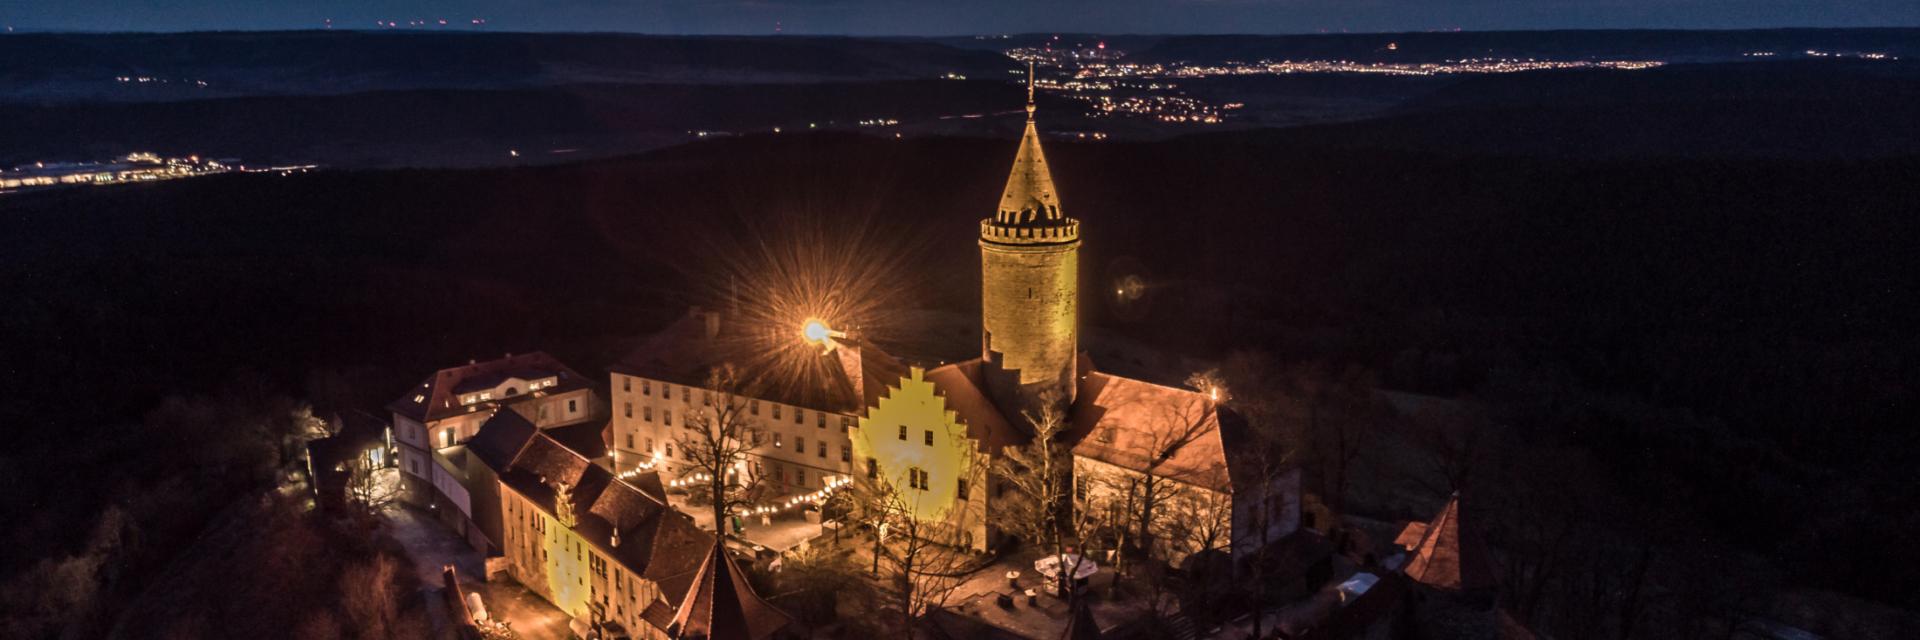 Luftaufnahme der Leuchtenburg bei Nacht mit Jena am Horizont © Stiftung Leuchtenburg, Foto: Daniel Suppe